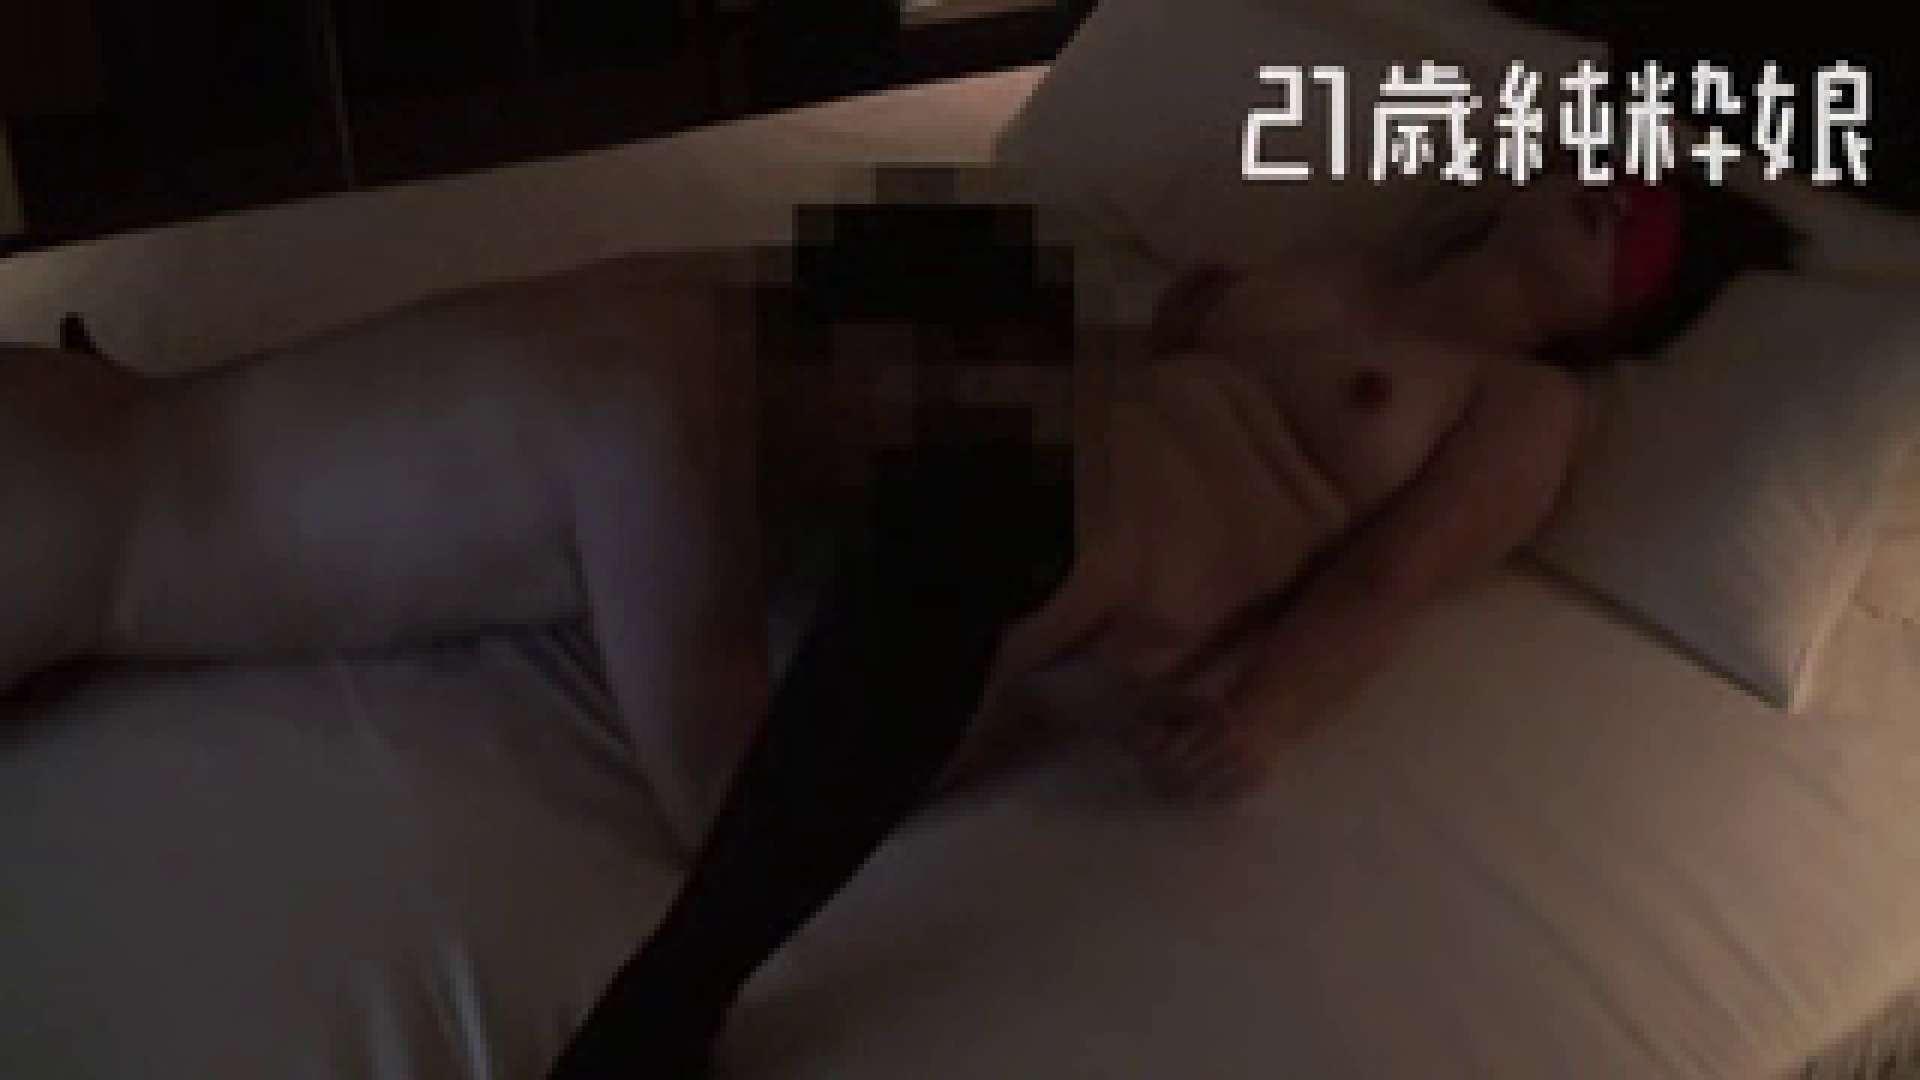 上京したばかりのGカップ21歳純粋嬢を都合の良い女にしてみた4 ホテル | ギャル達のおっぱい  96画像 74